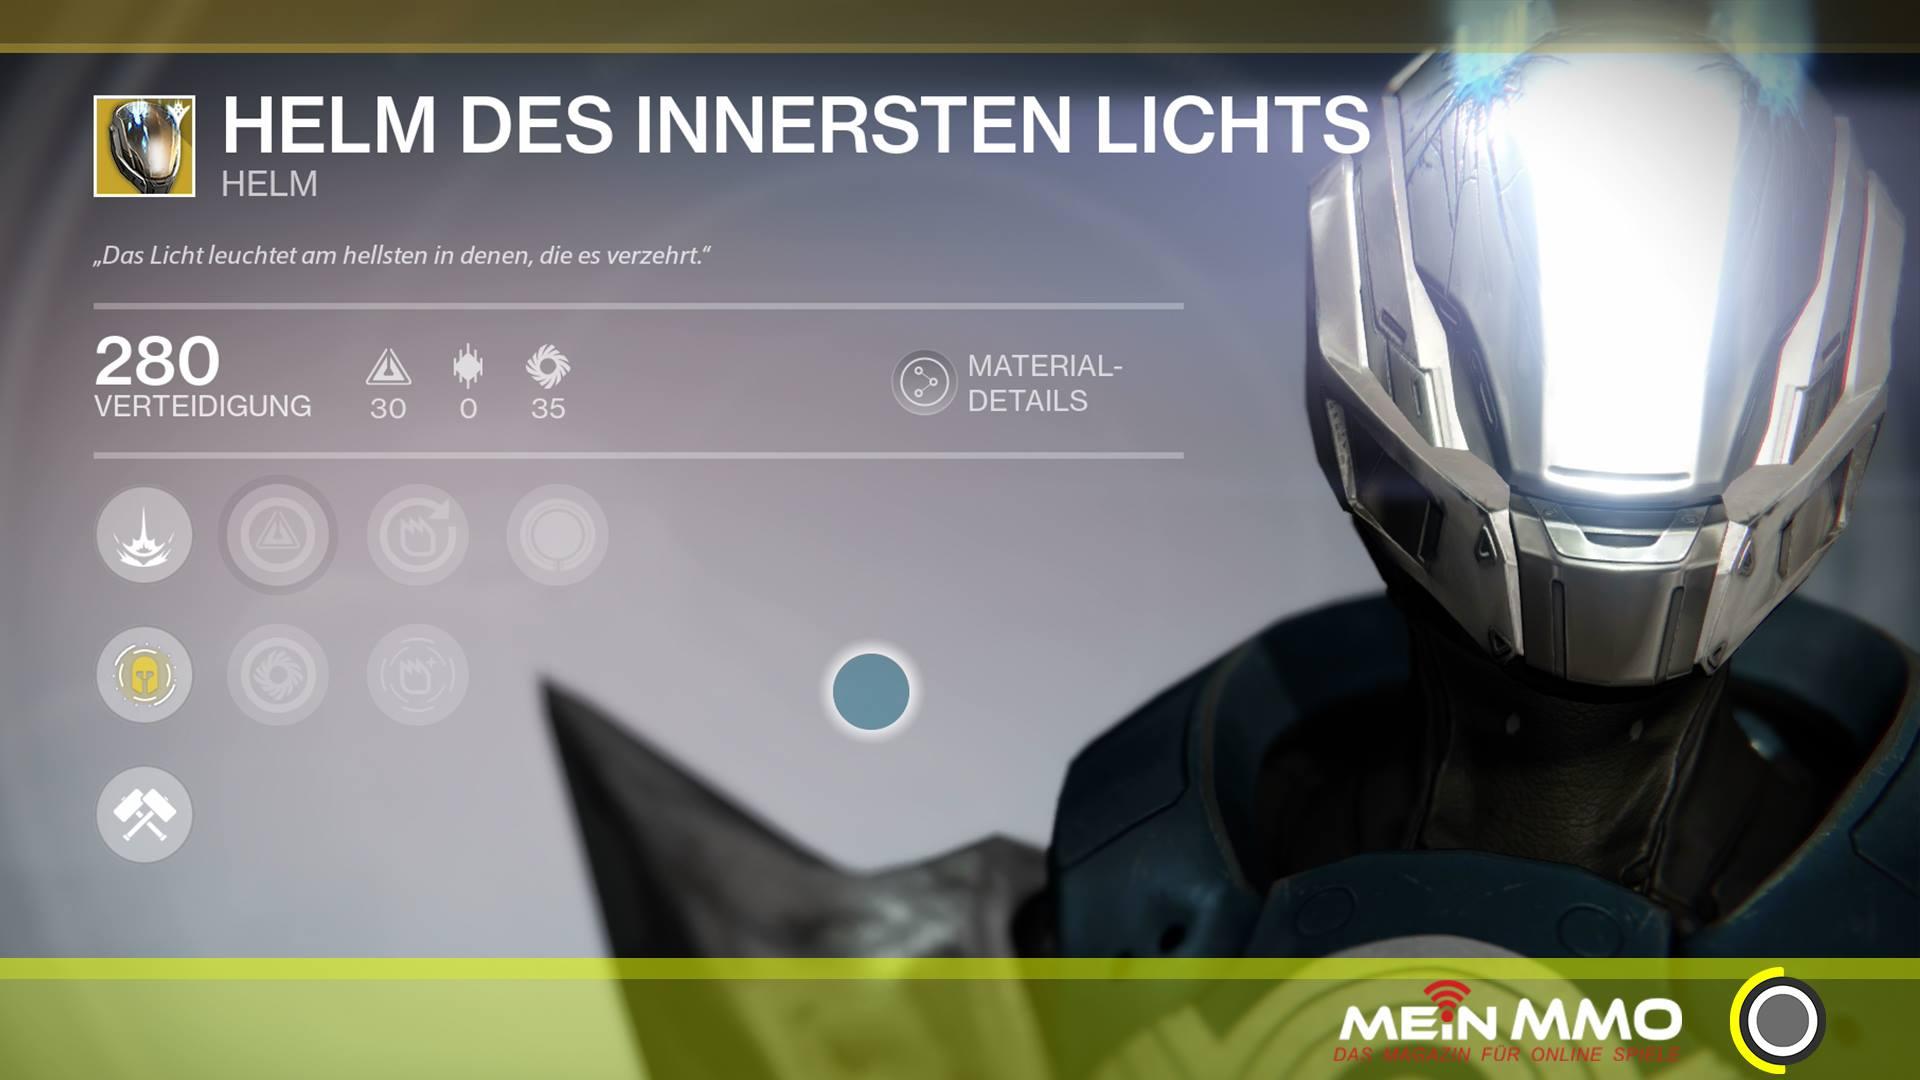 helm-innertes-licht